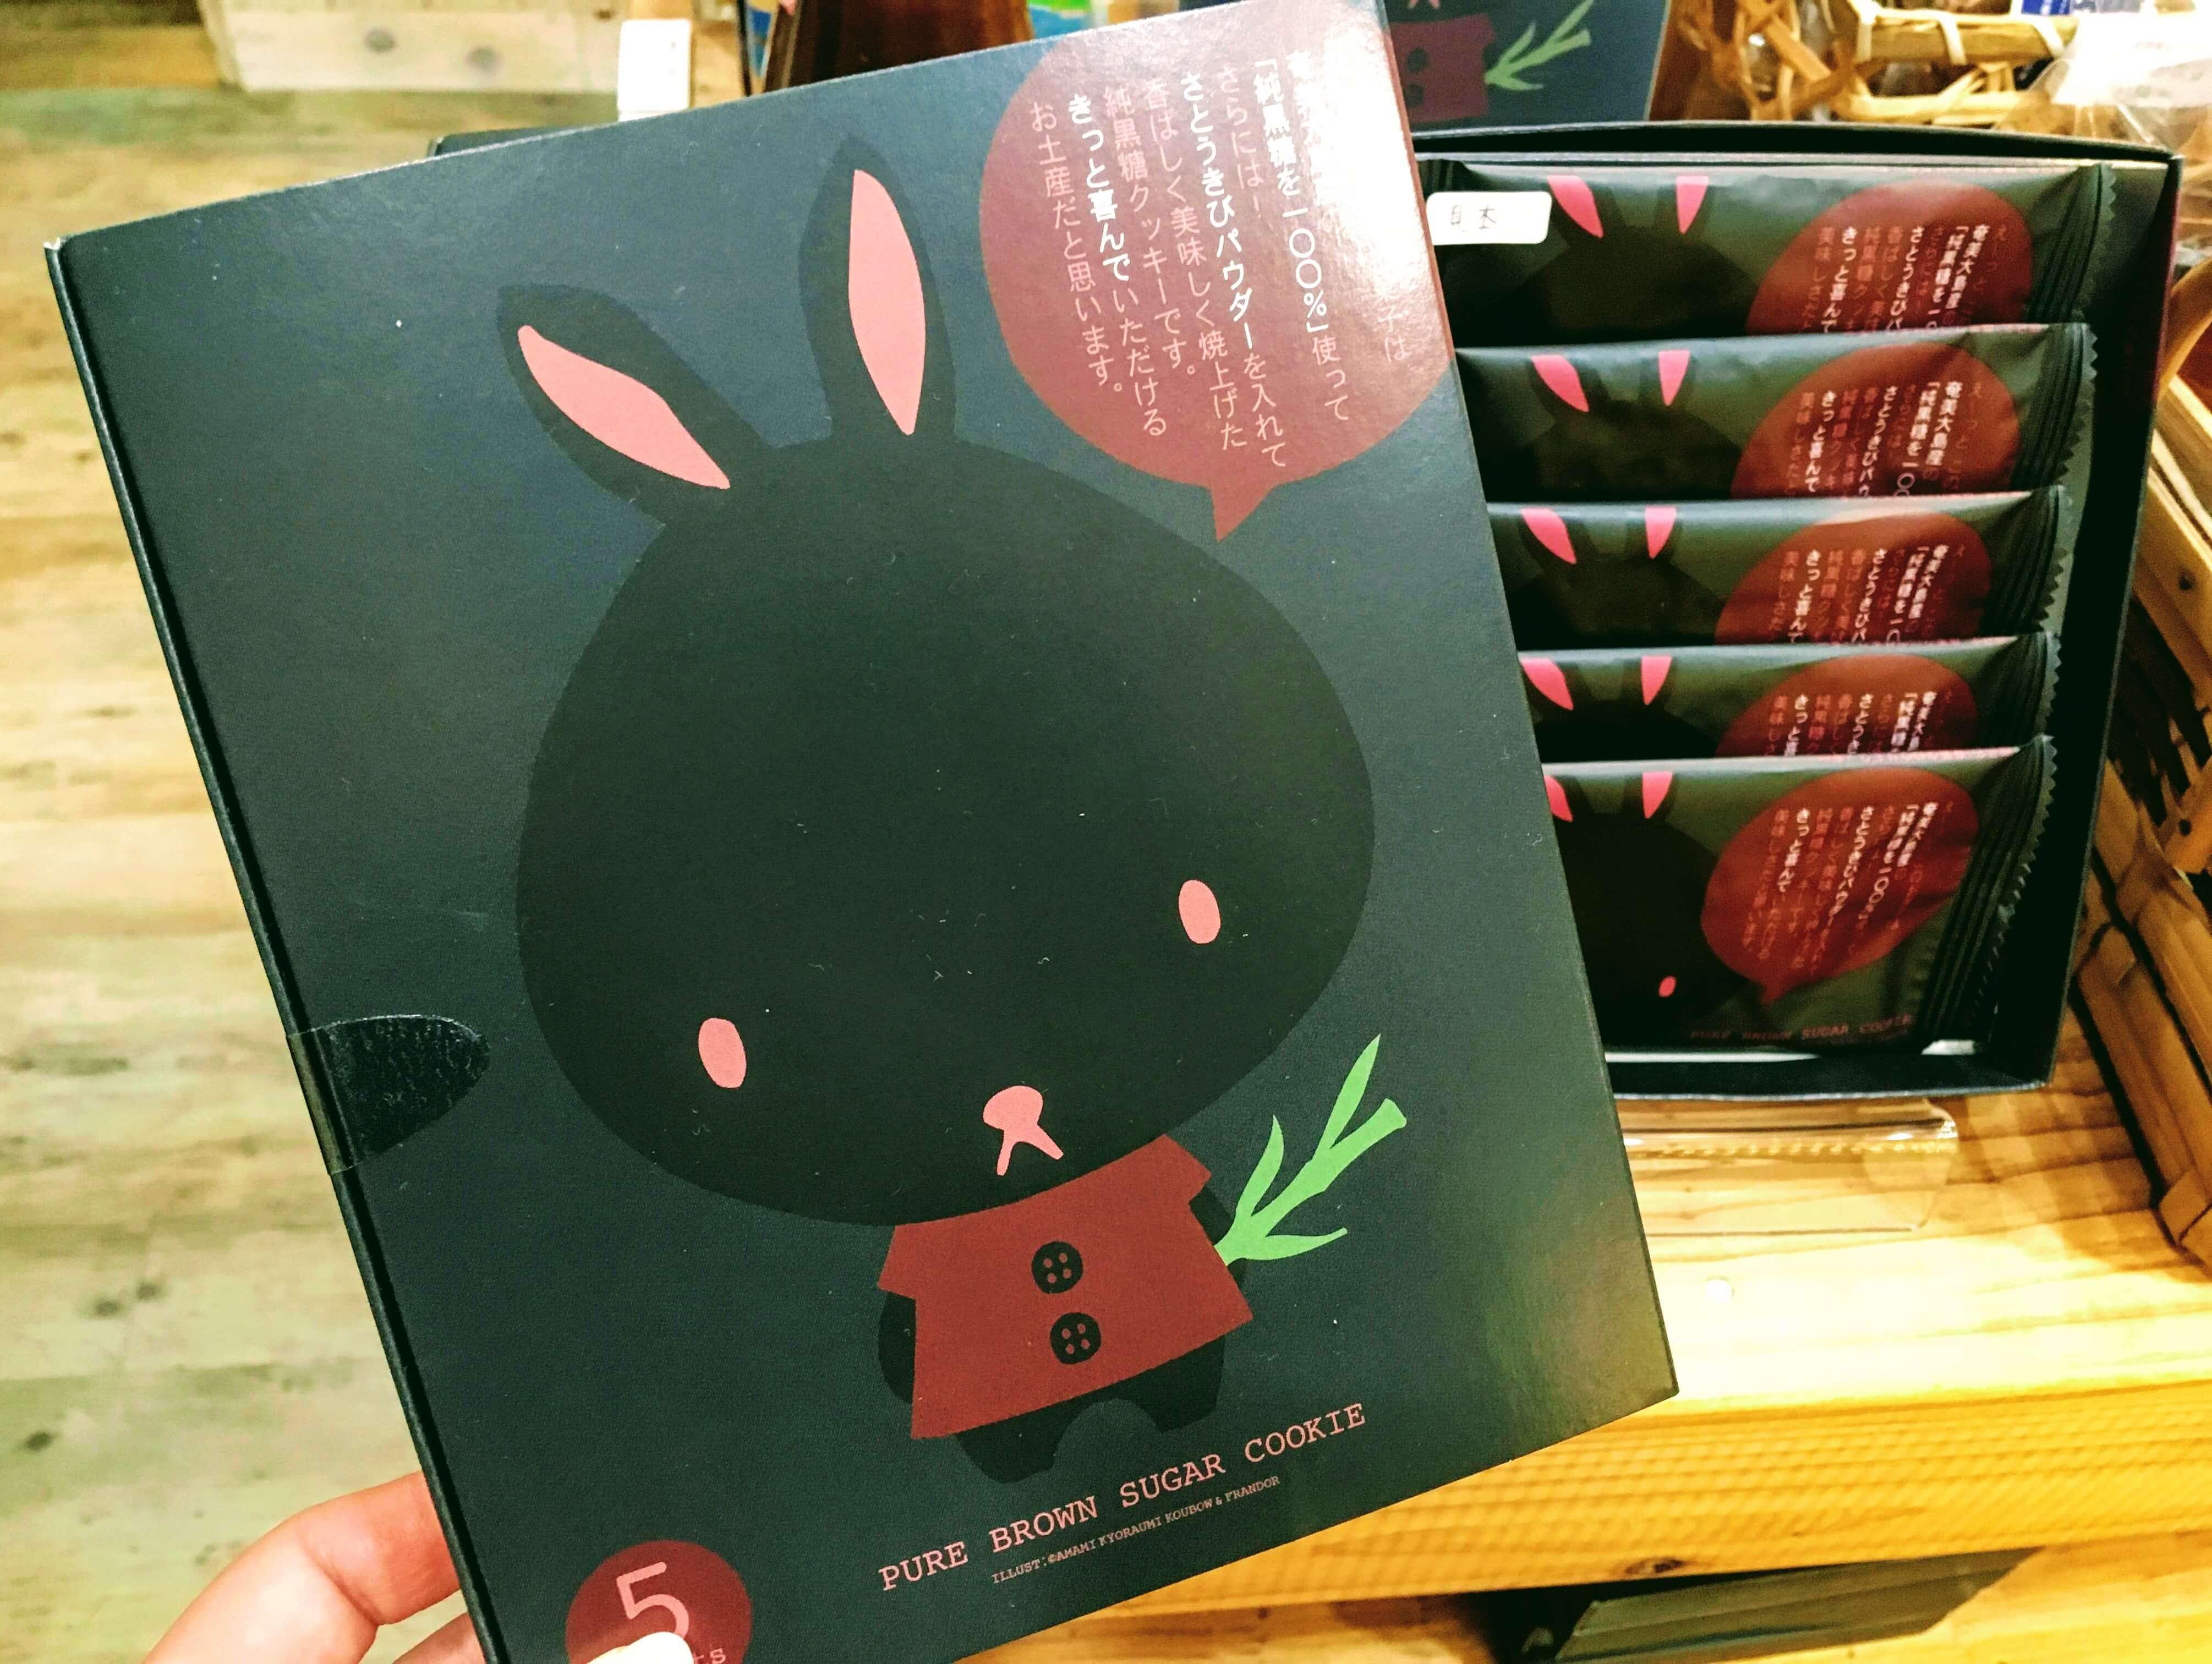 アマミノクロウサギのパッケージがかわいいお菓子